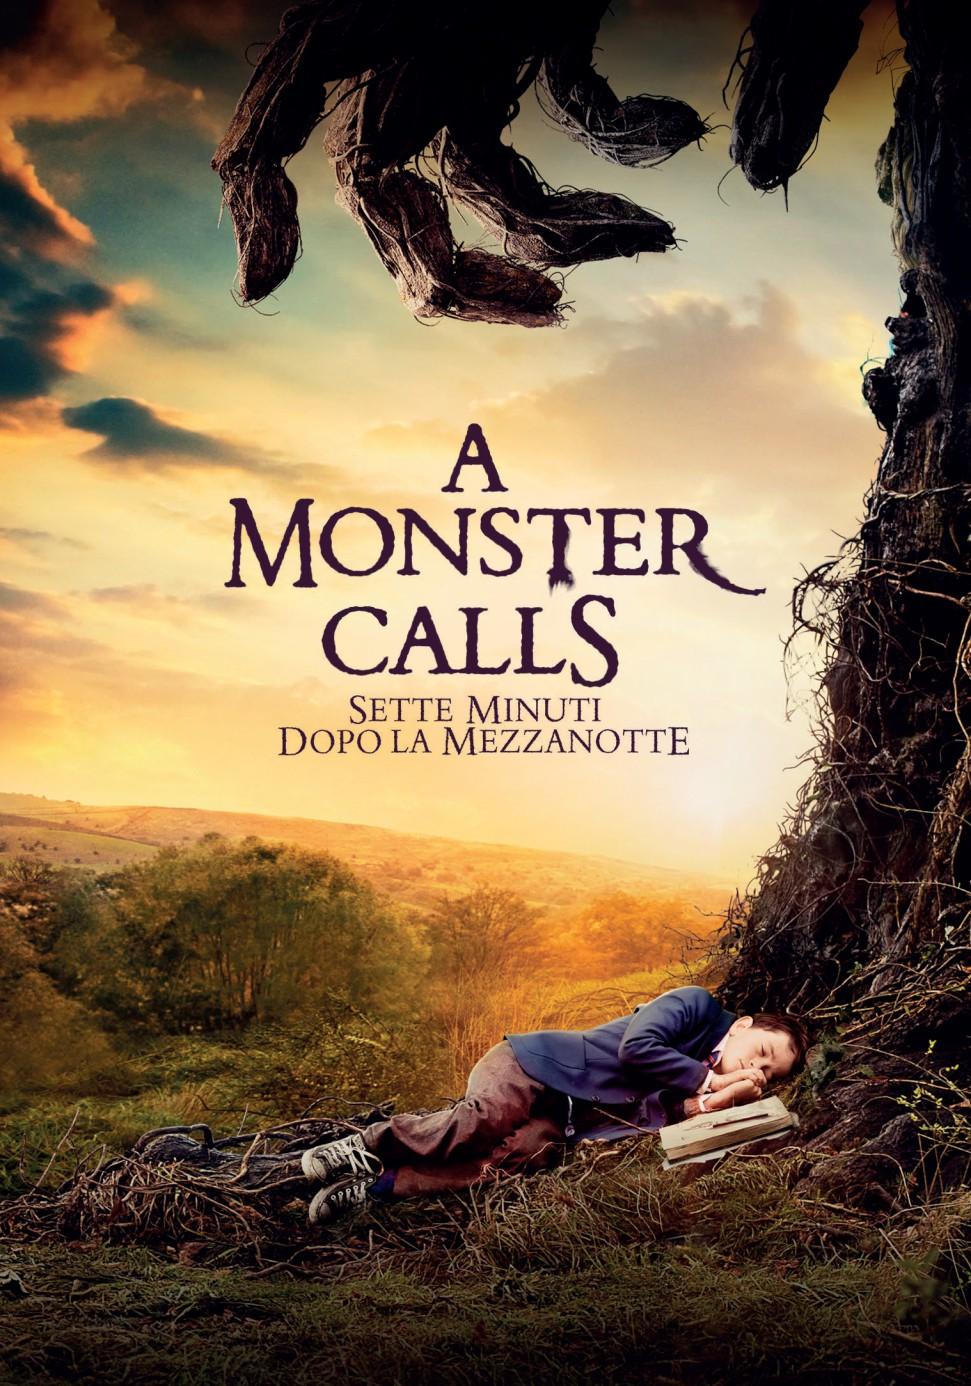 A MONSTERS CALLS-SETTE MINUTI DOPO LA MEZZANOTTE (DVD)